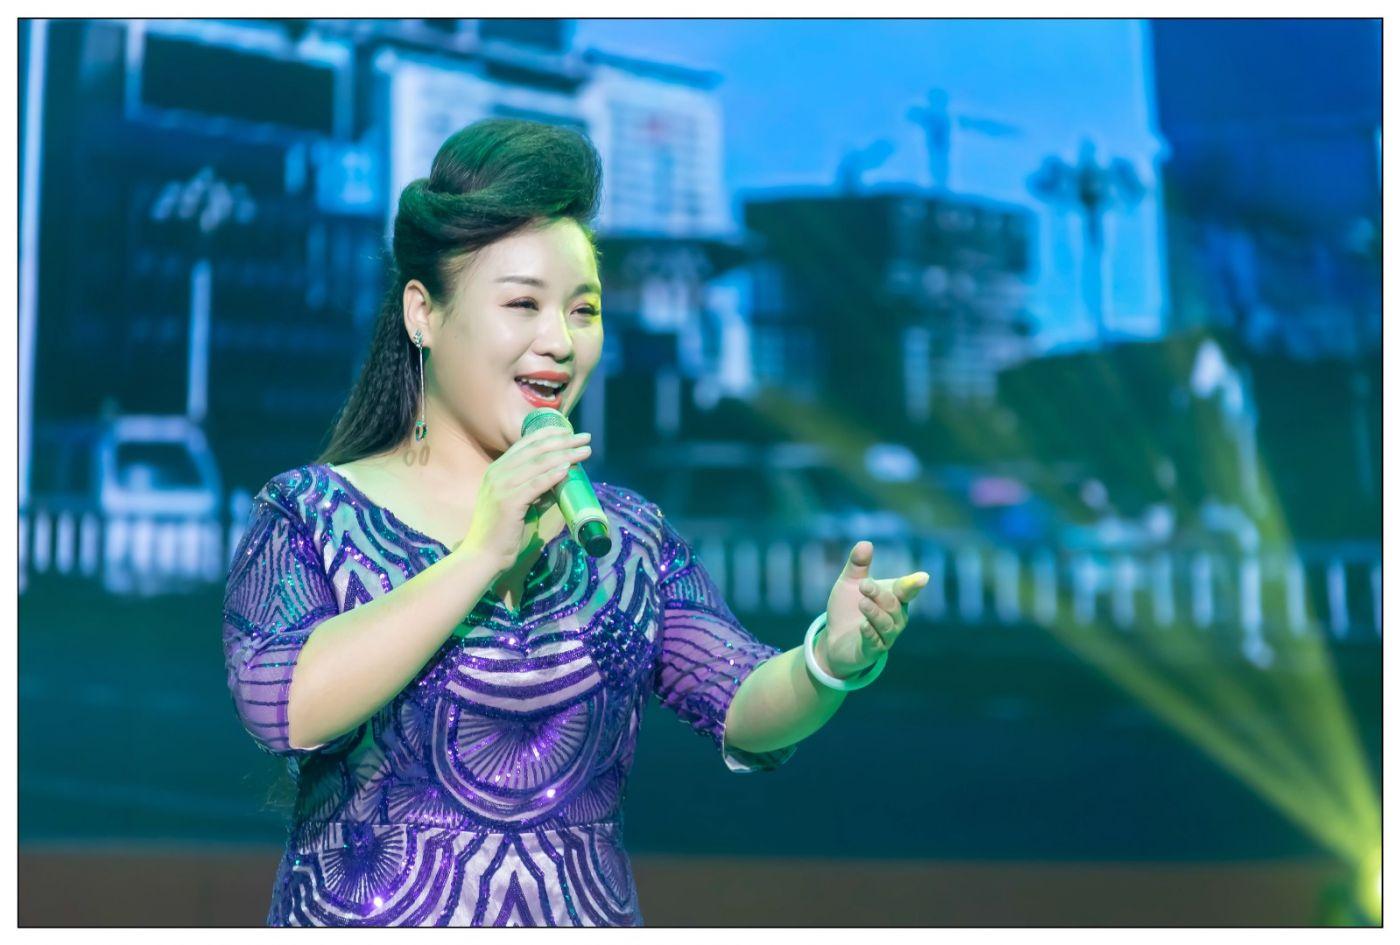 临沂姑娘杨妮妮曾感动春晚总动员 今晚在临沂电视台大放异彩 ..._图1-7